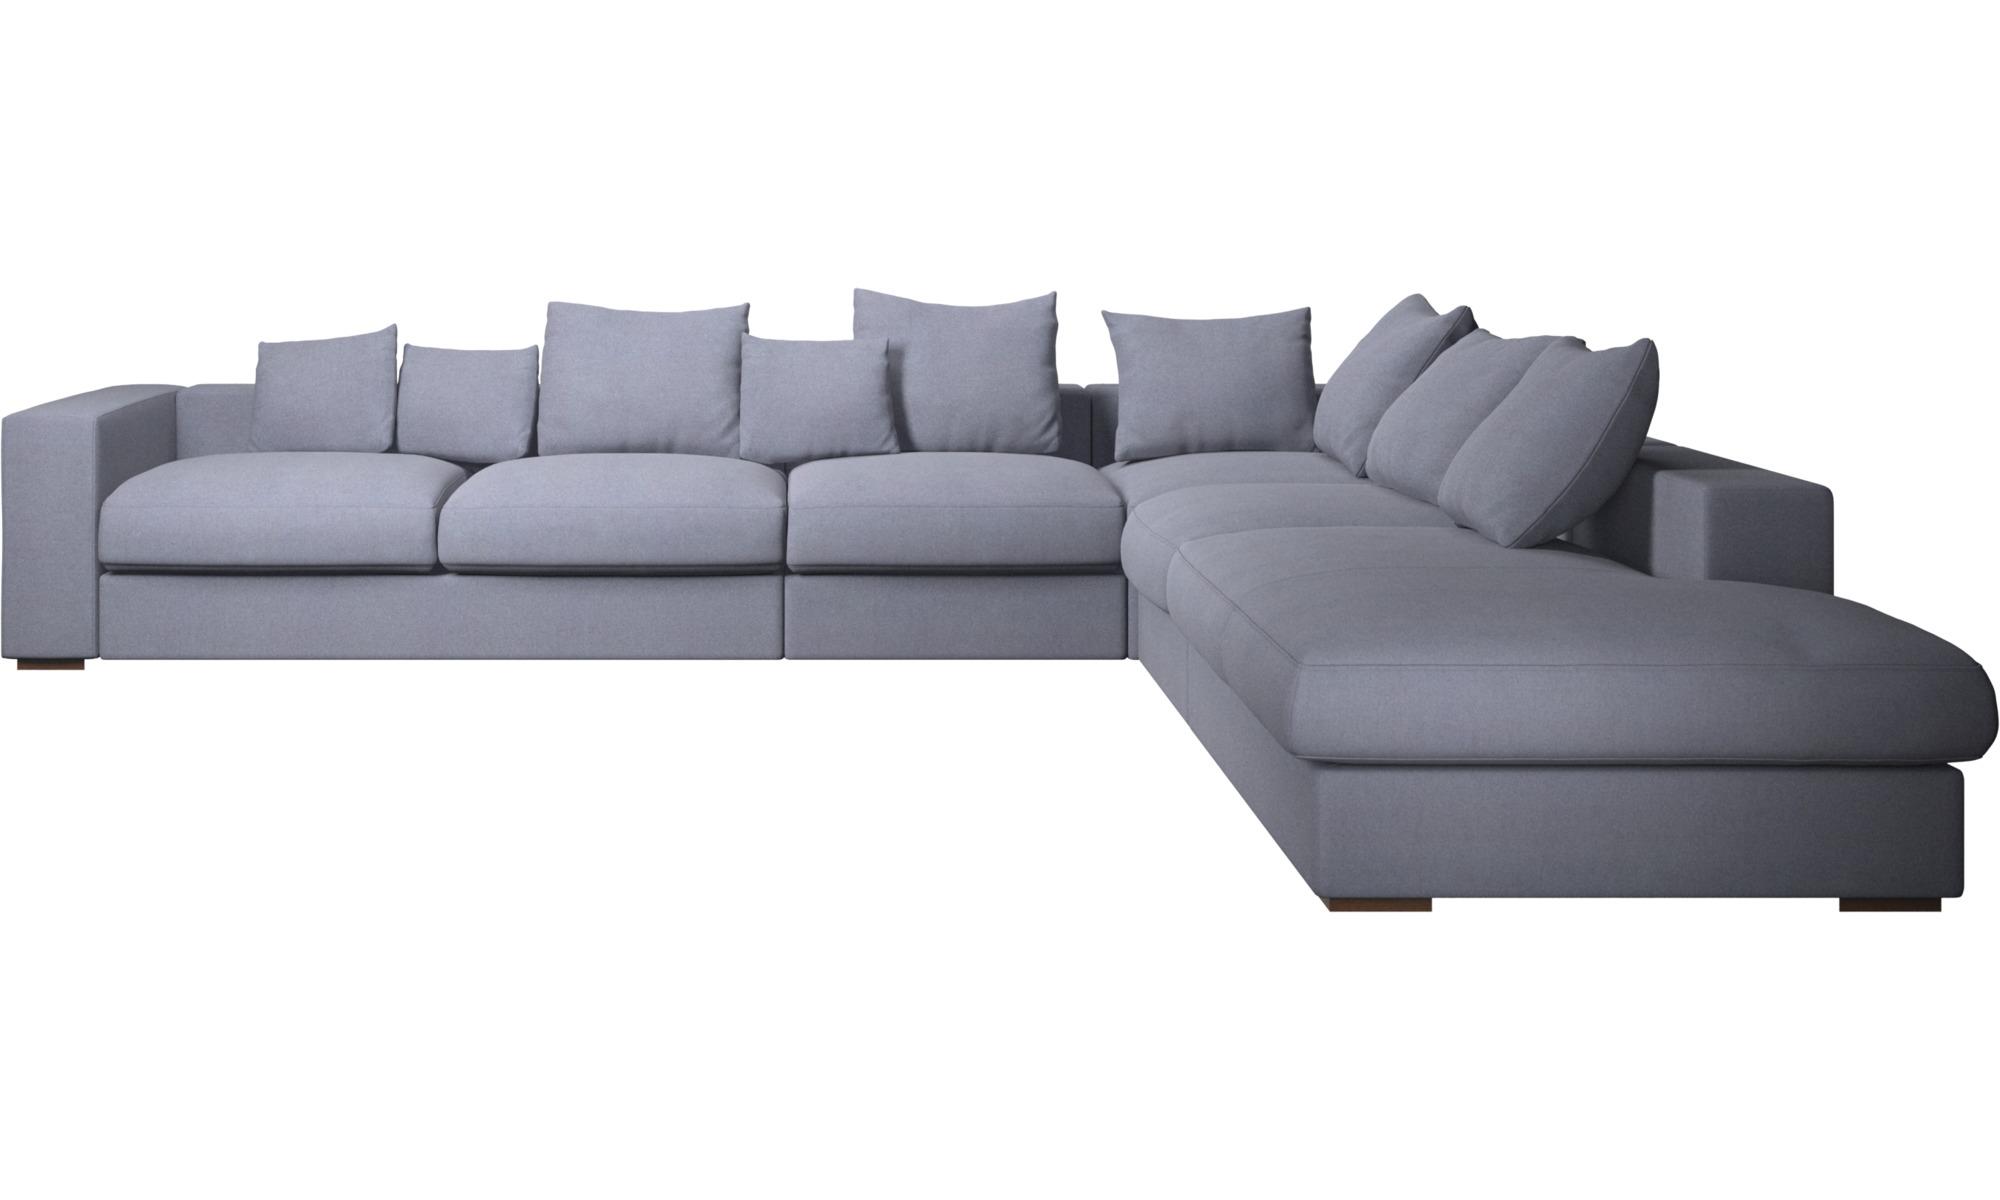 Hjørnesofaer - Cenova hjørnesofa med loungemodul - Blå - Stof